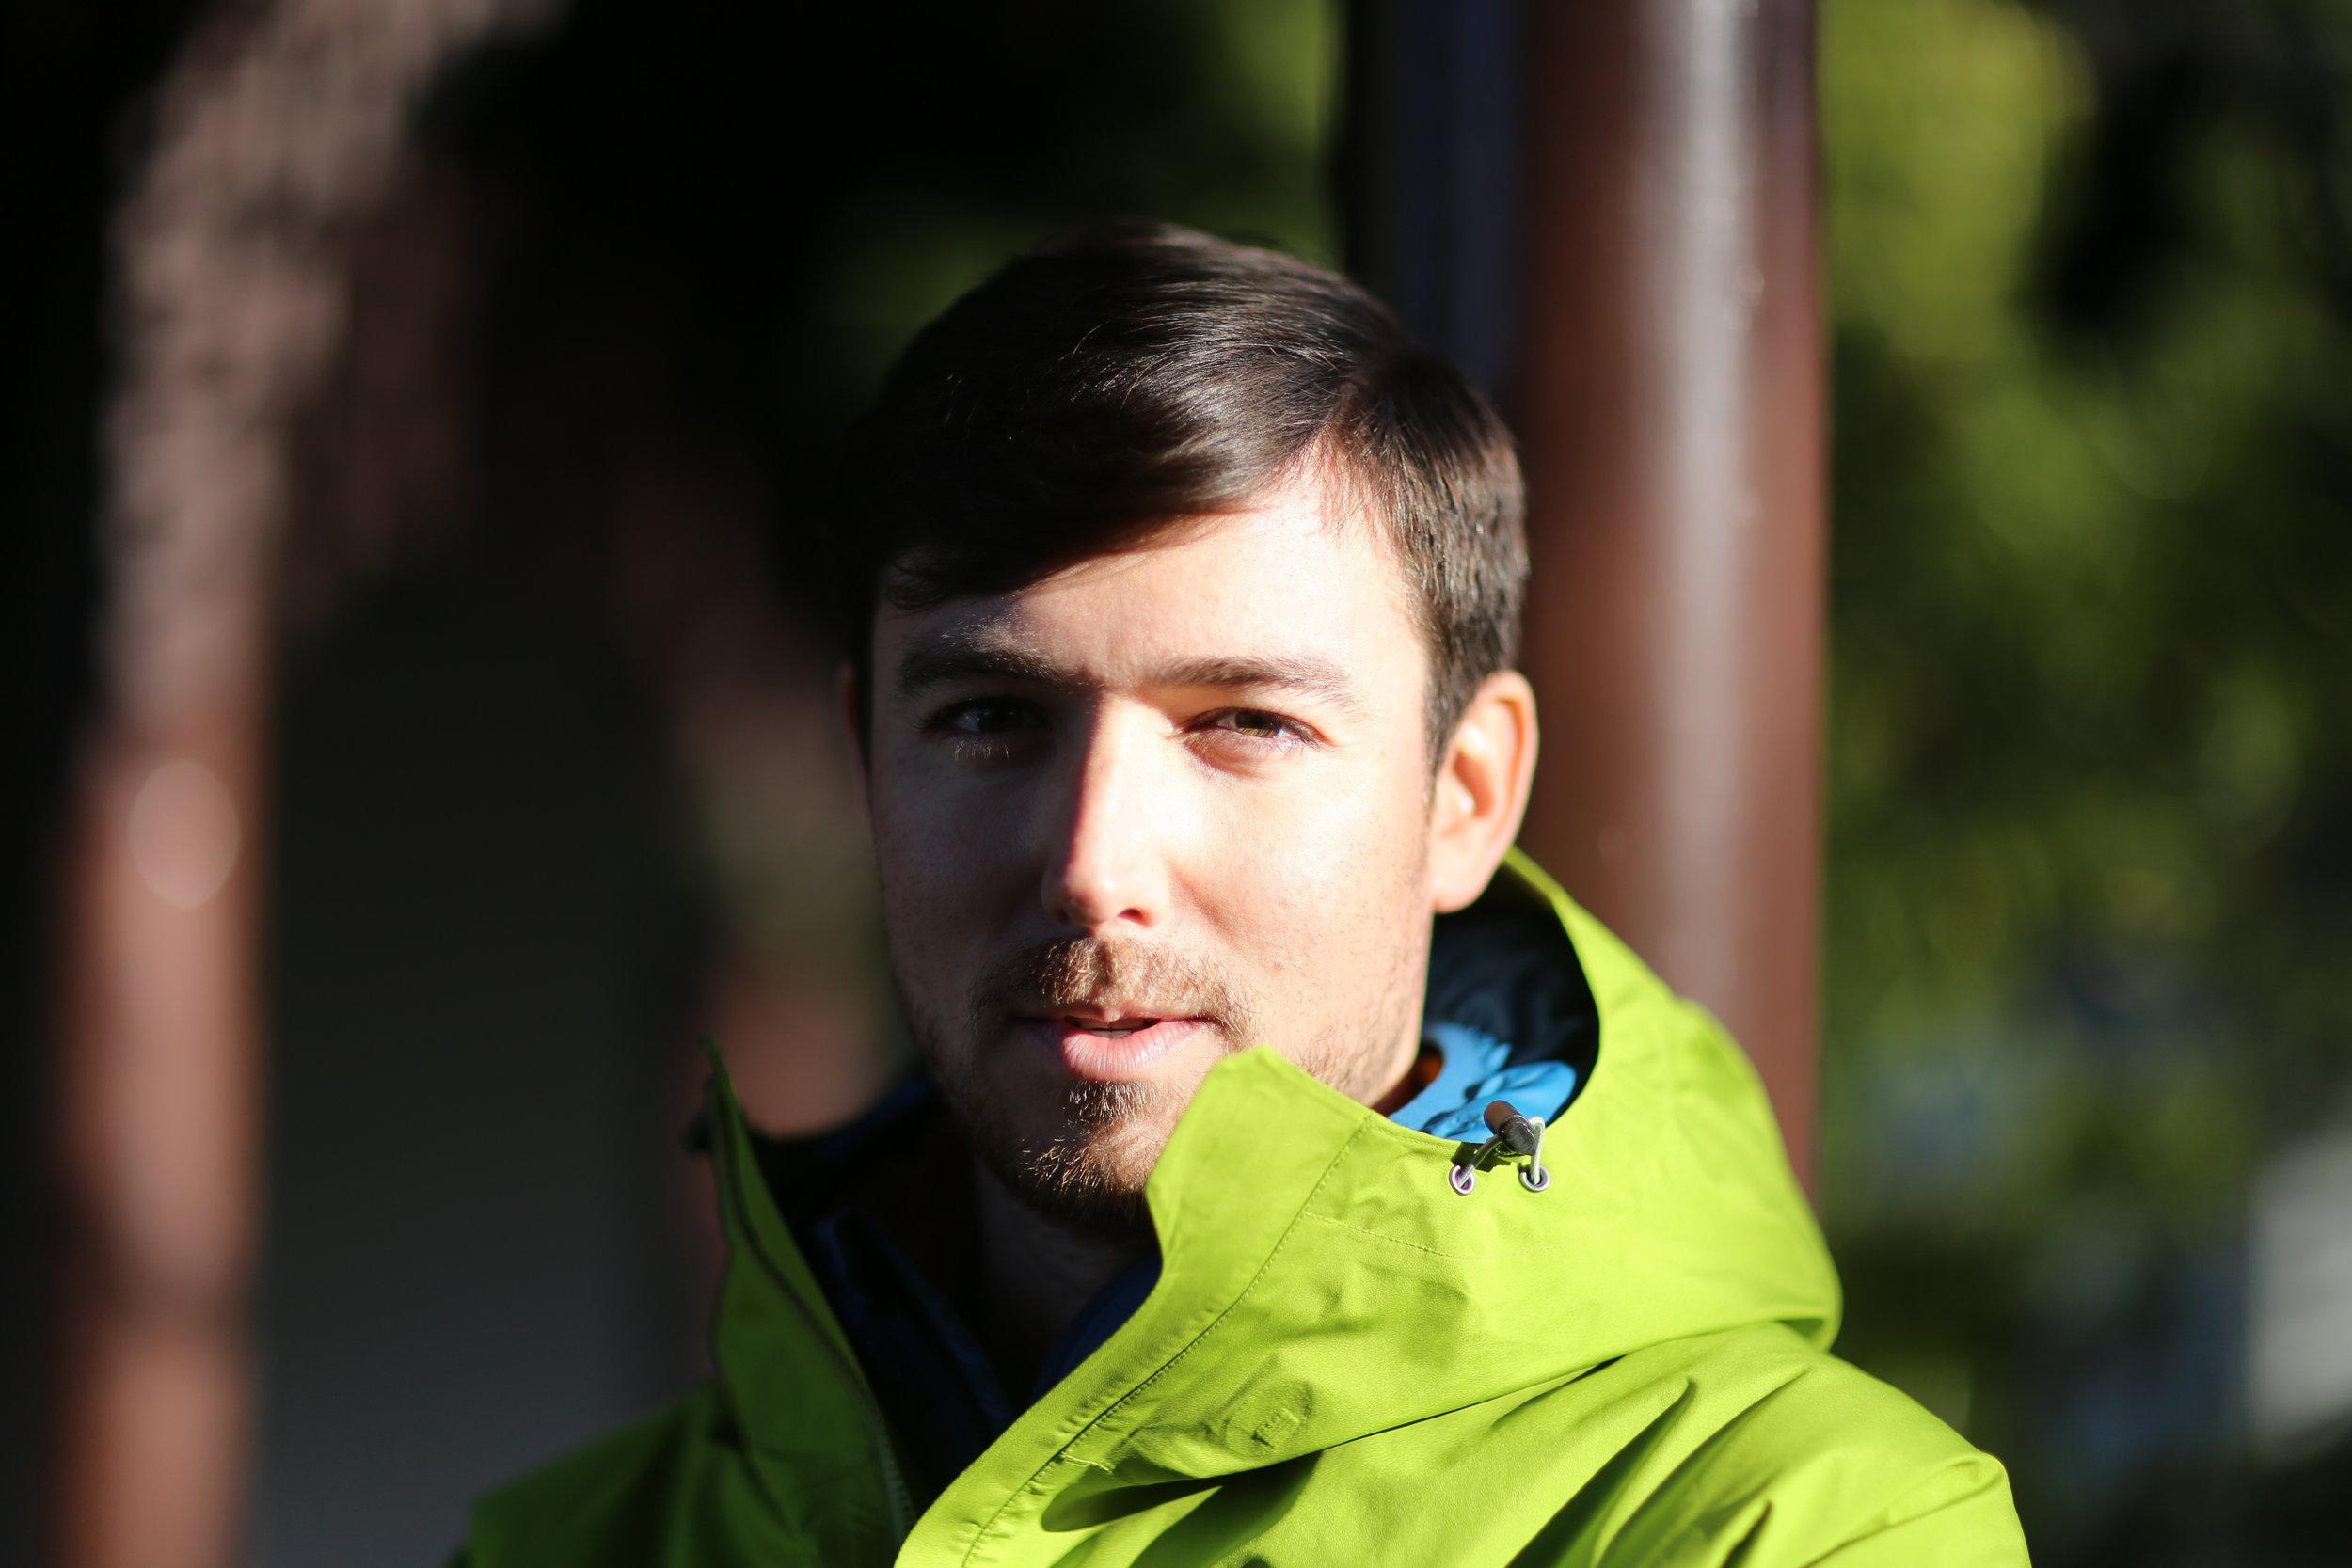 Daniel Sloan